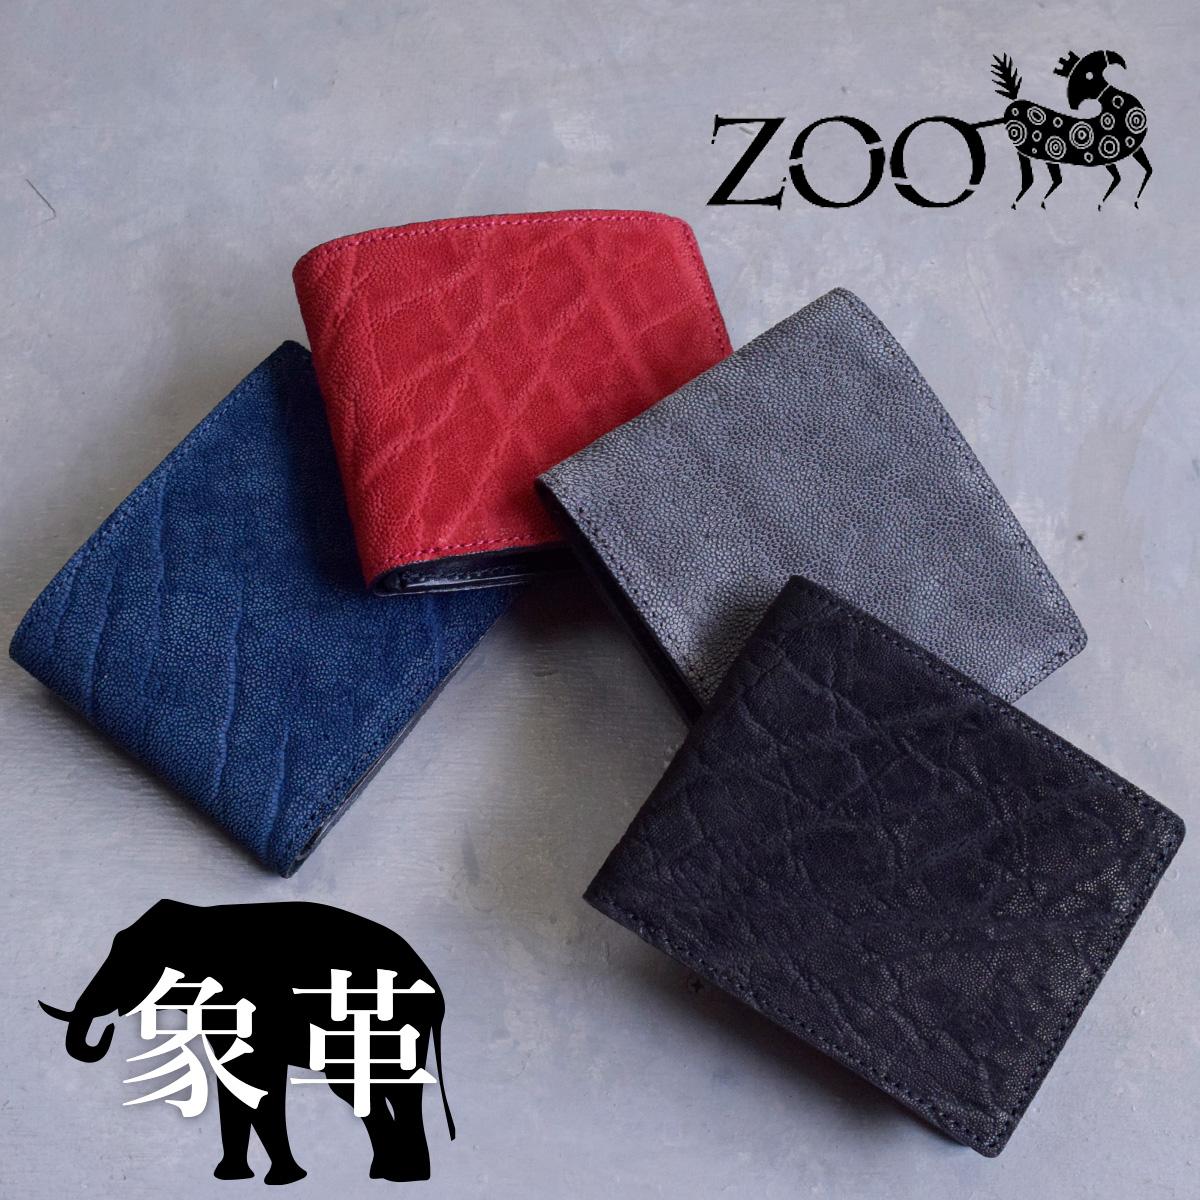 【メッセージカード・ラッピング無料】ZOO(ズー) メンズ エレファントレザー 象革 二つ折り財布 2折財布 zbf-013